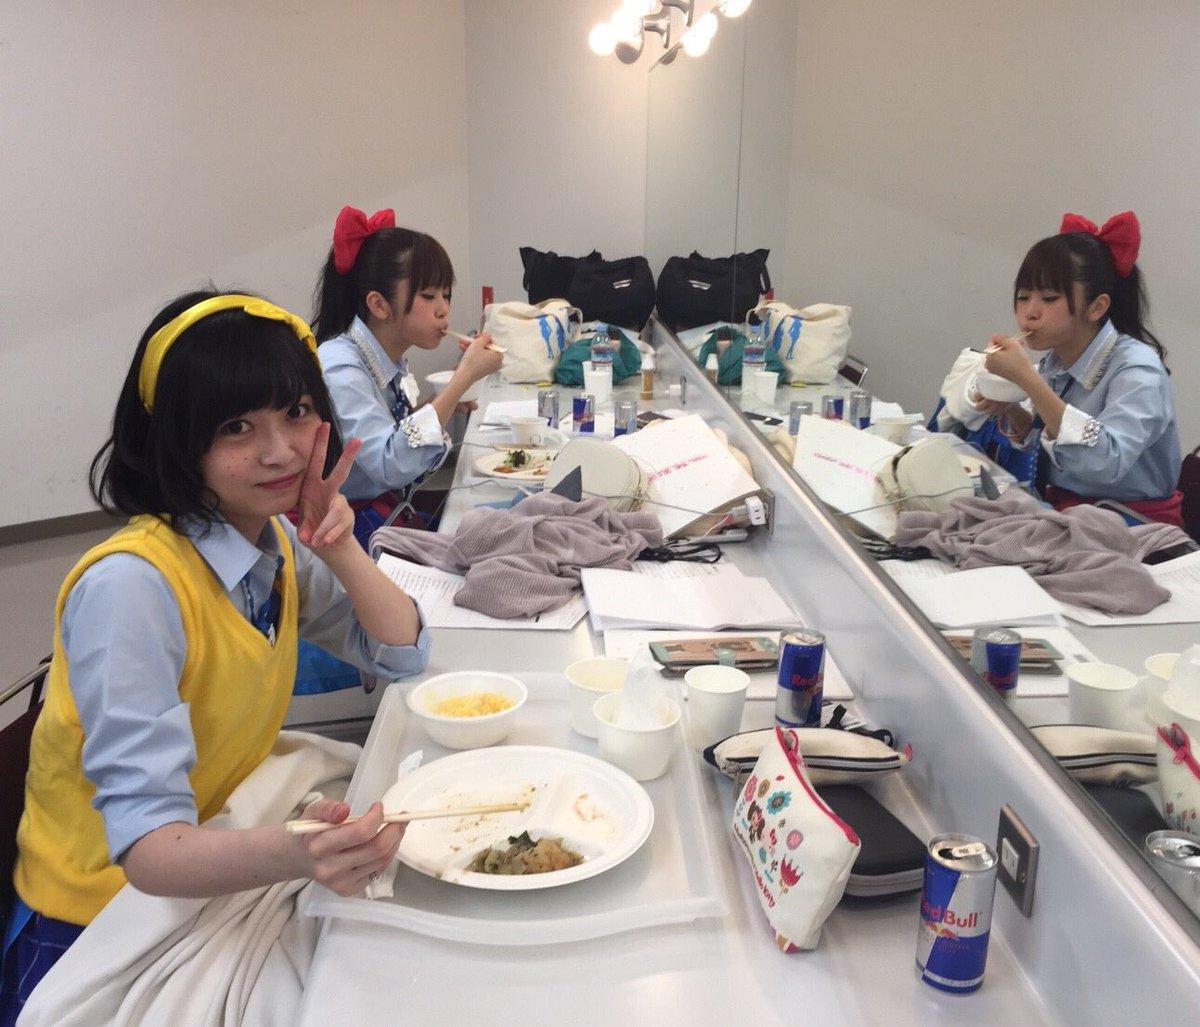 とある日の亜麻百合高等学校のお昼。えっと…ウメ周り汚っ。 pic.twitter.com/K5Ljt1SQSr